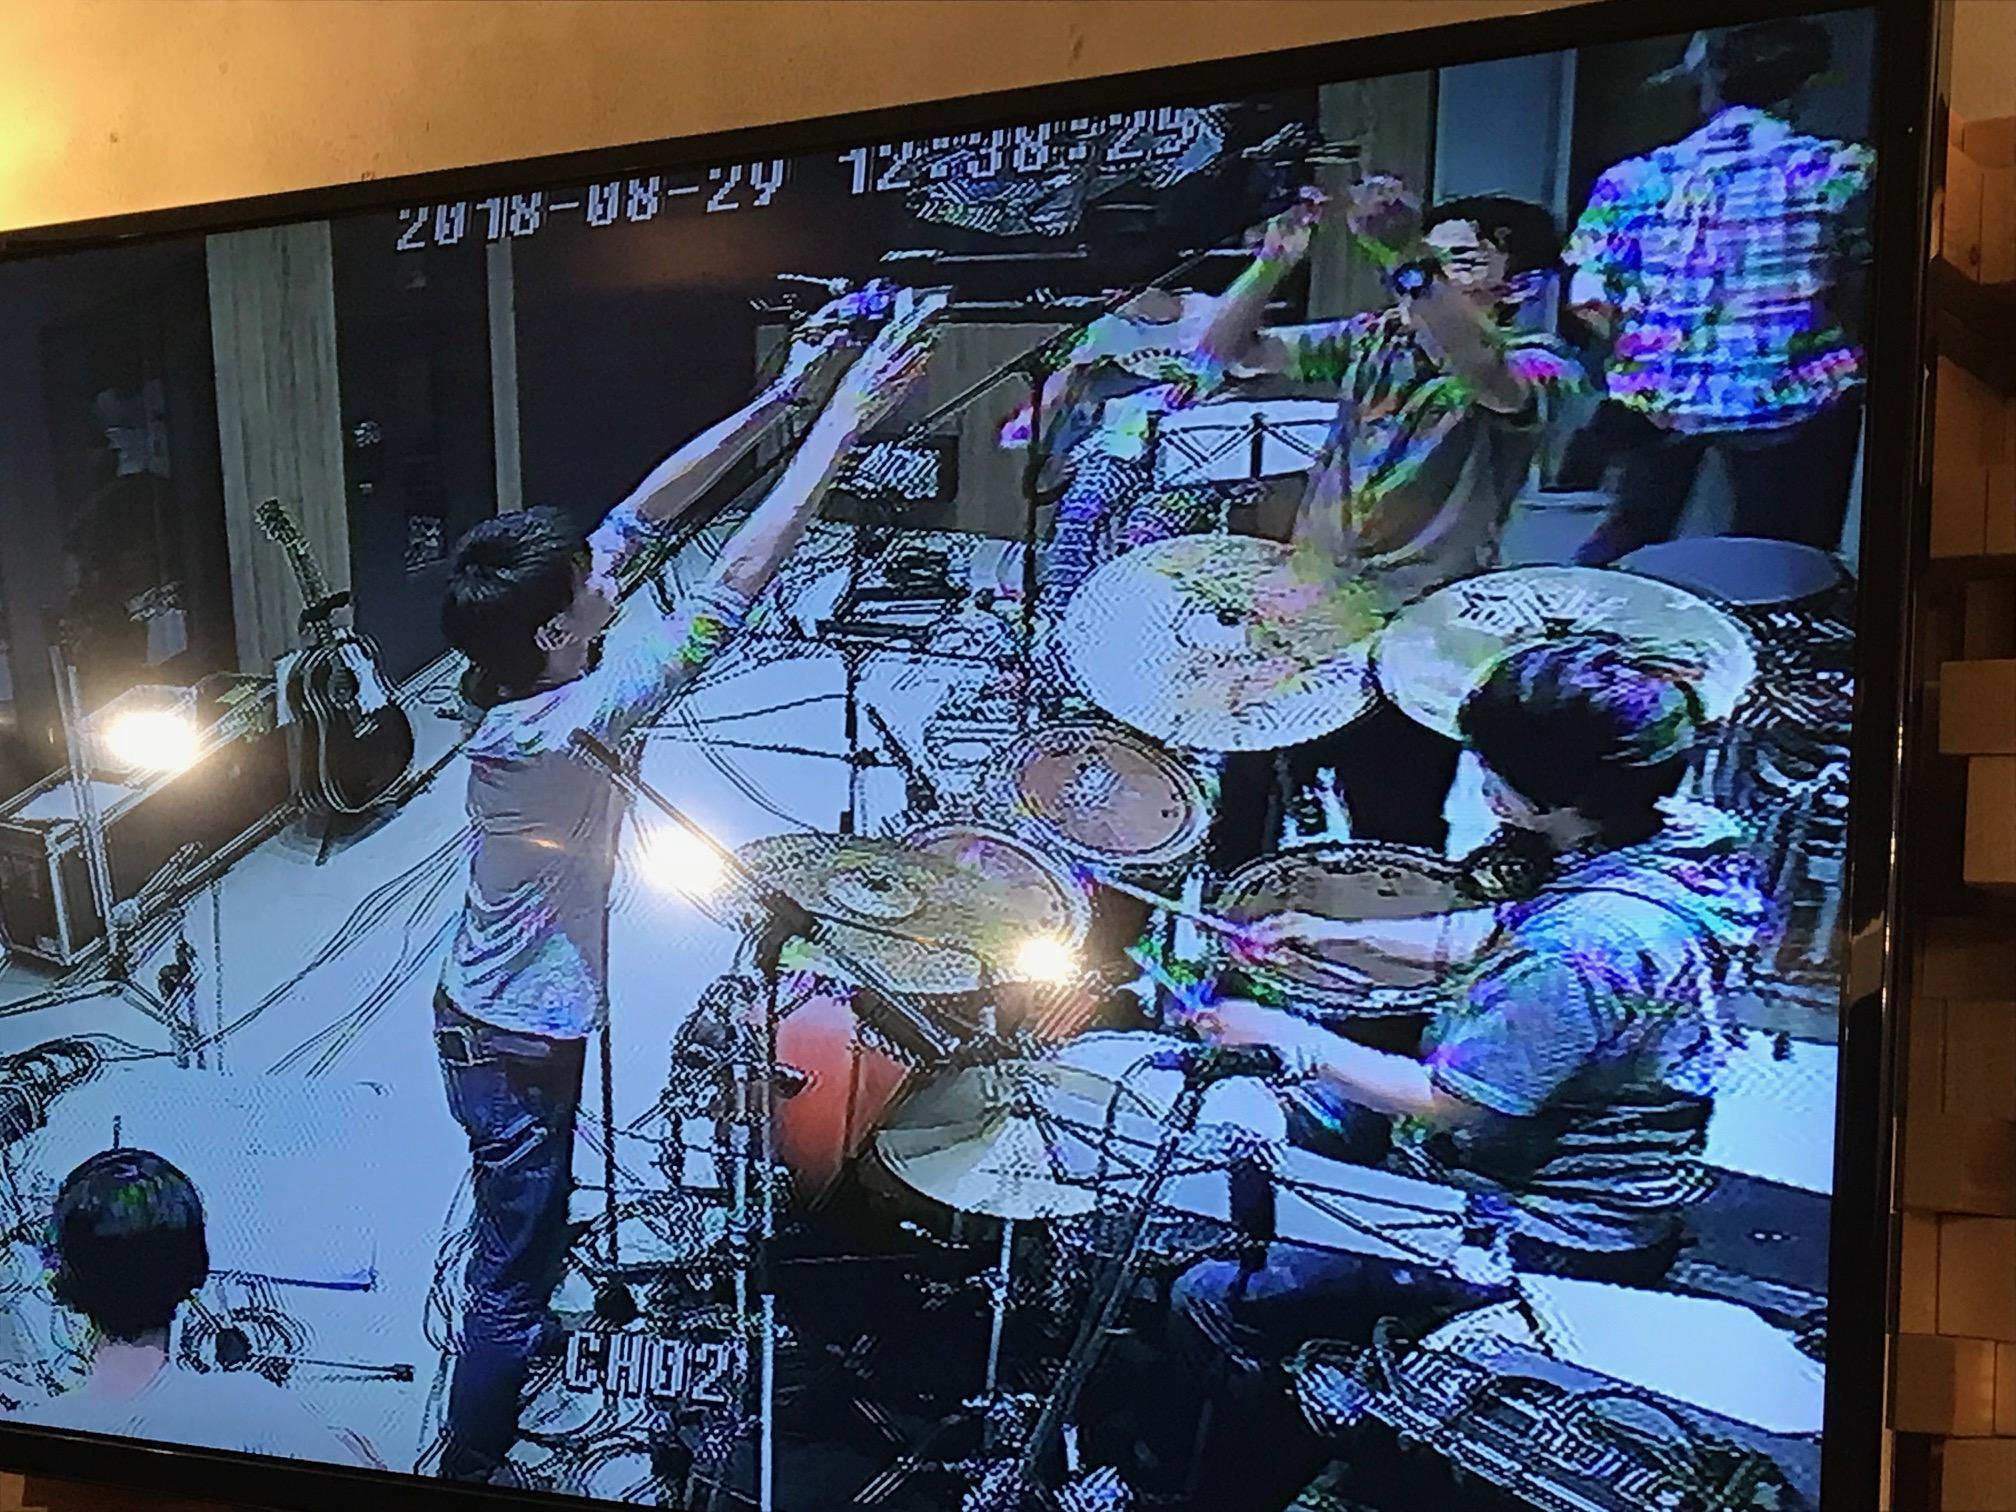 国立音楽院レコーディングスタジオの様子をコントロールルームに映し出すモニターの写真。学院生達がドラムにマイクを立てています。